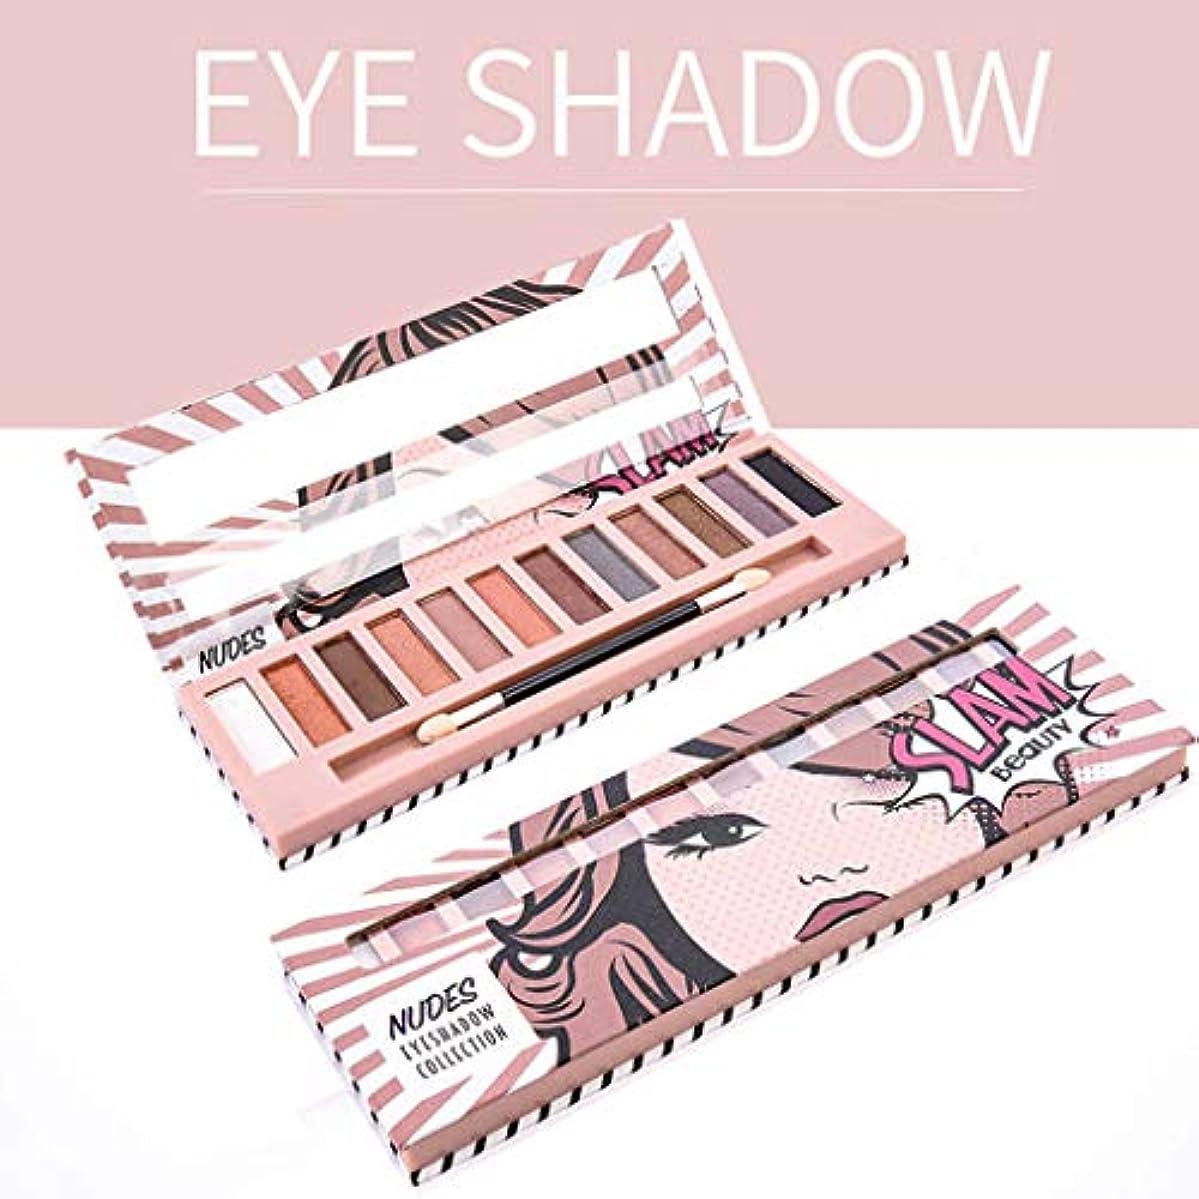 発症補足群集Akane アイシャドウパレット NUDES Slam Beauty 綺麗 マット 可愛い ファッション おしゃれ 人気 長持ち 持ち便利 Eye Shadow (12色)